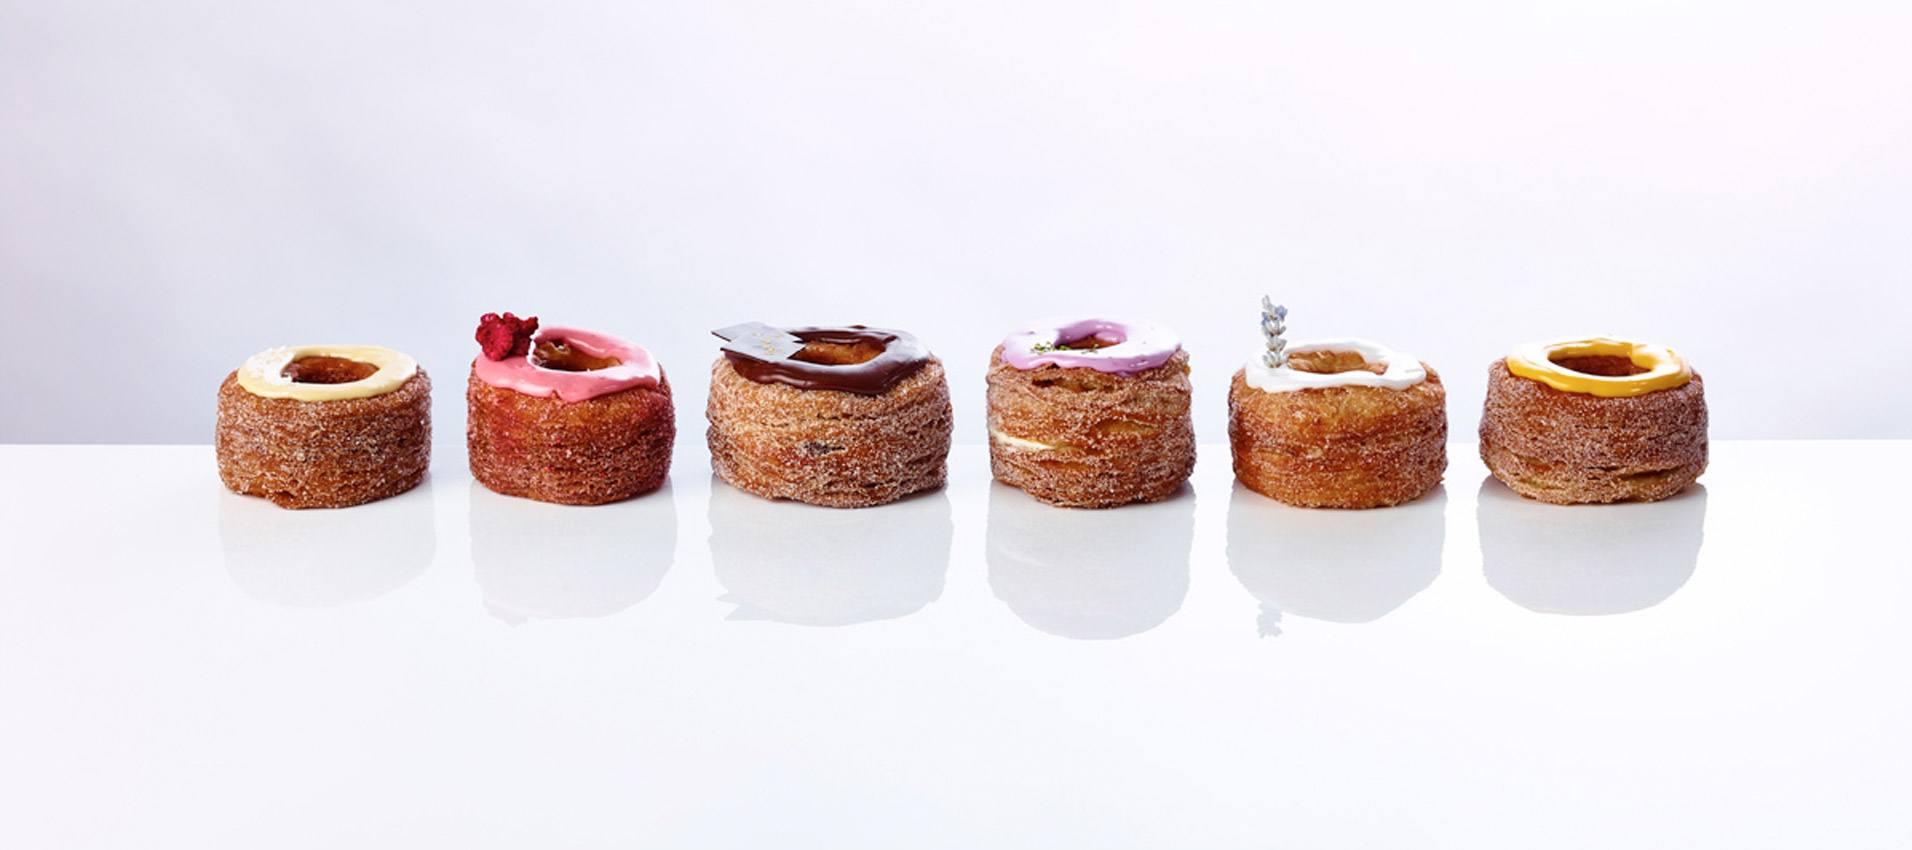 Cronut pastries